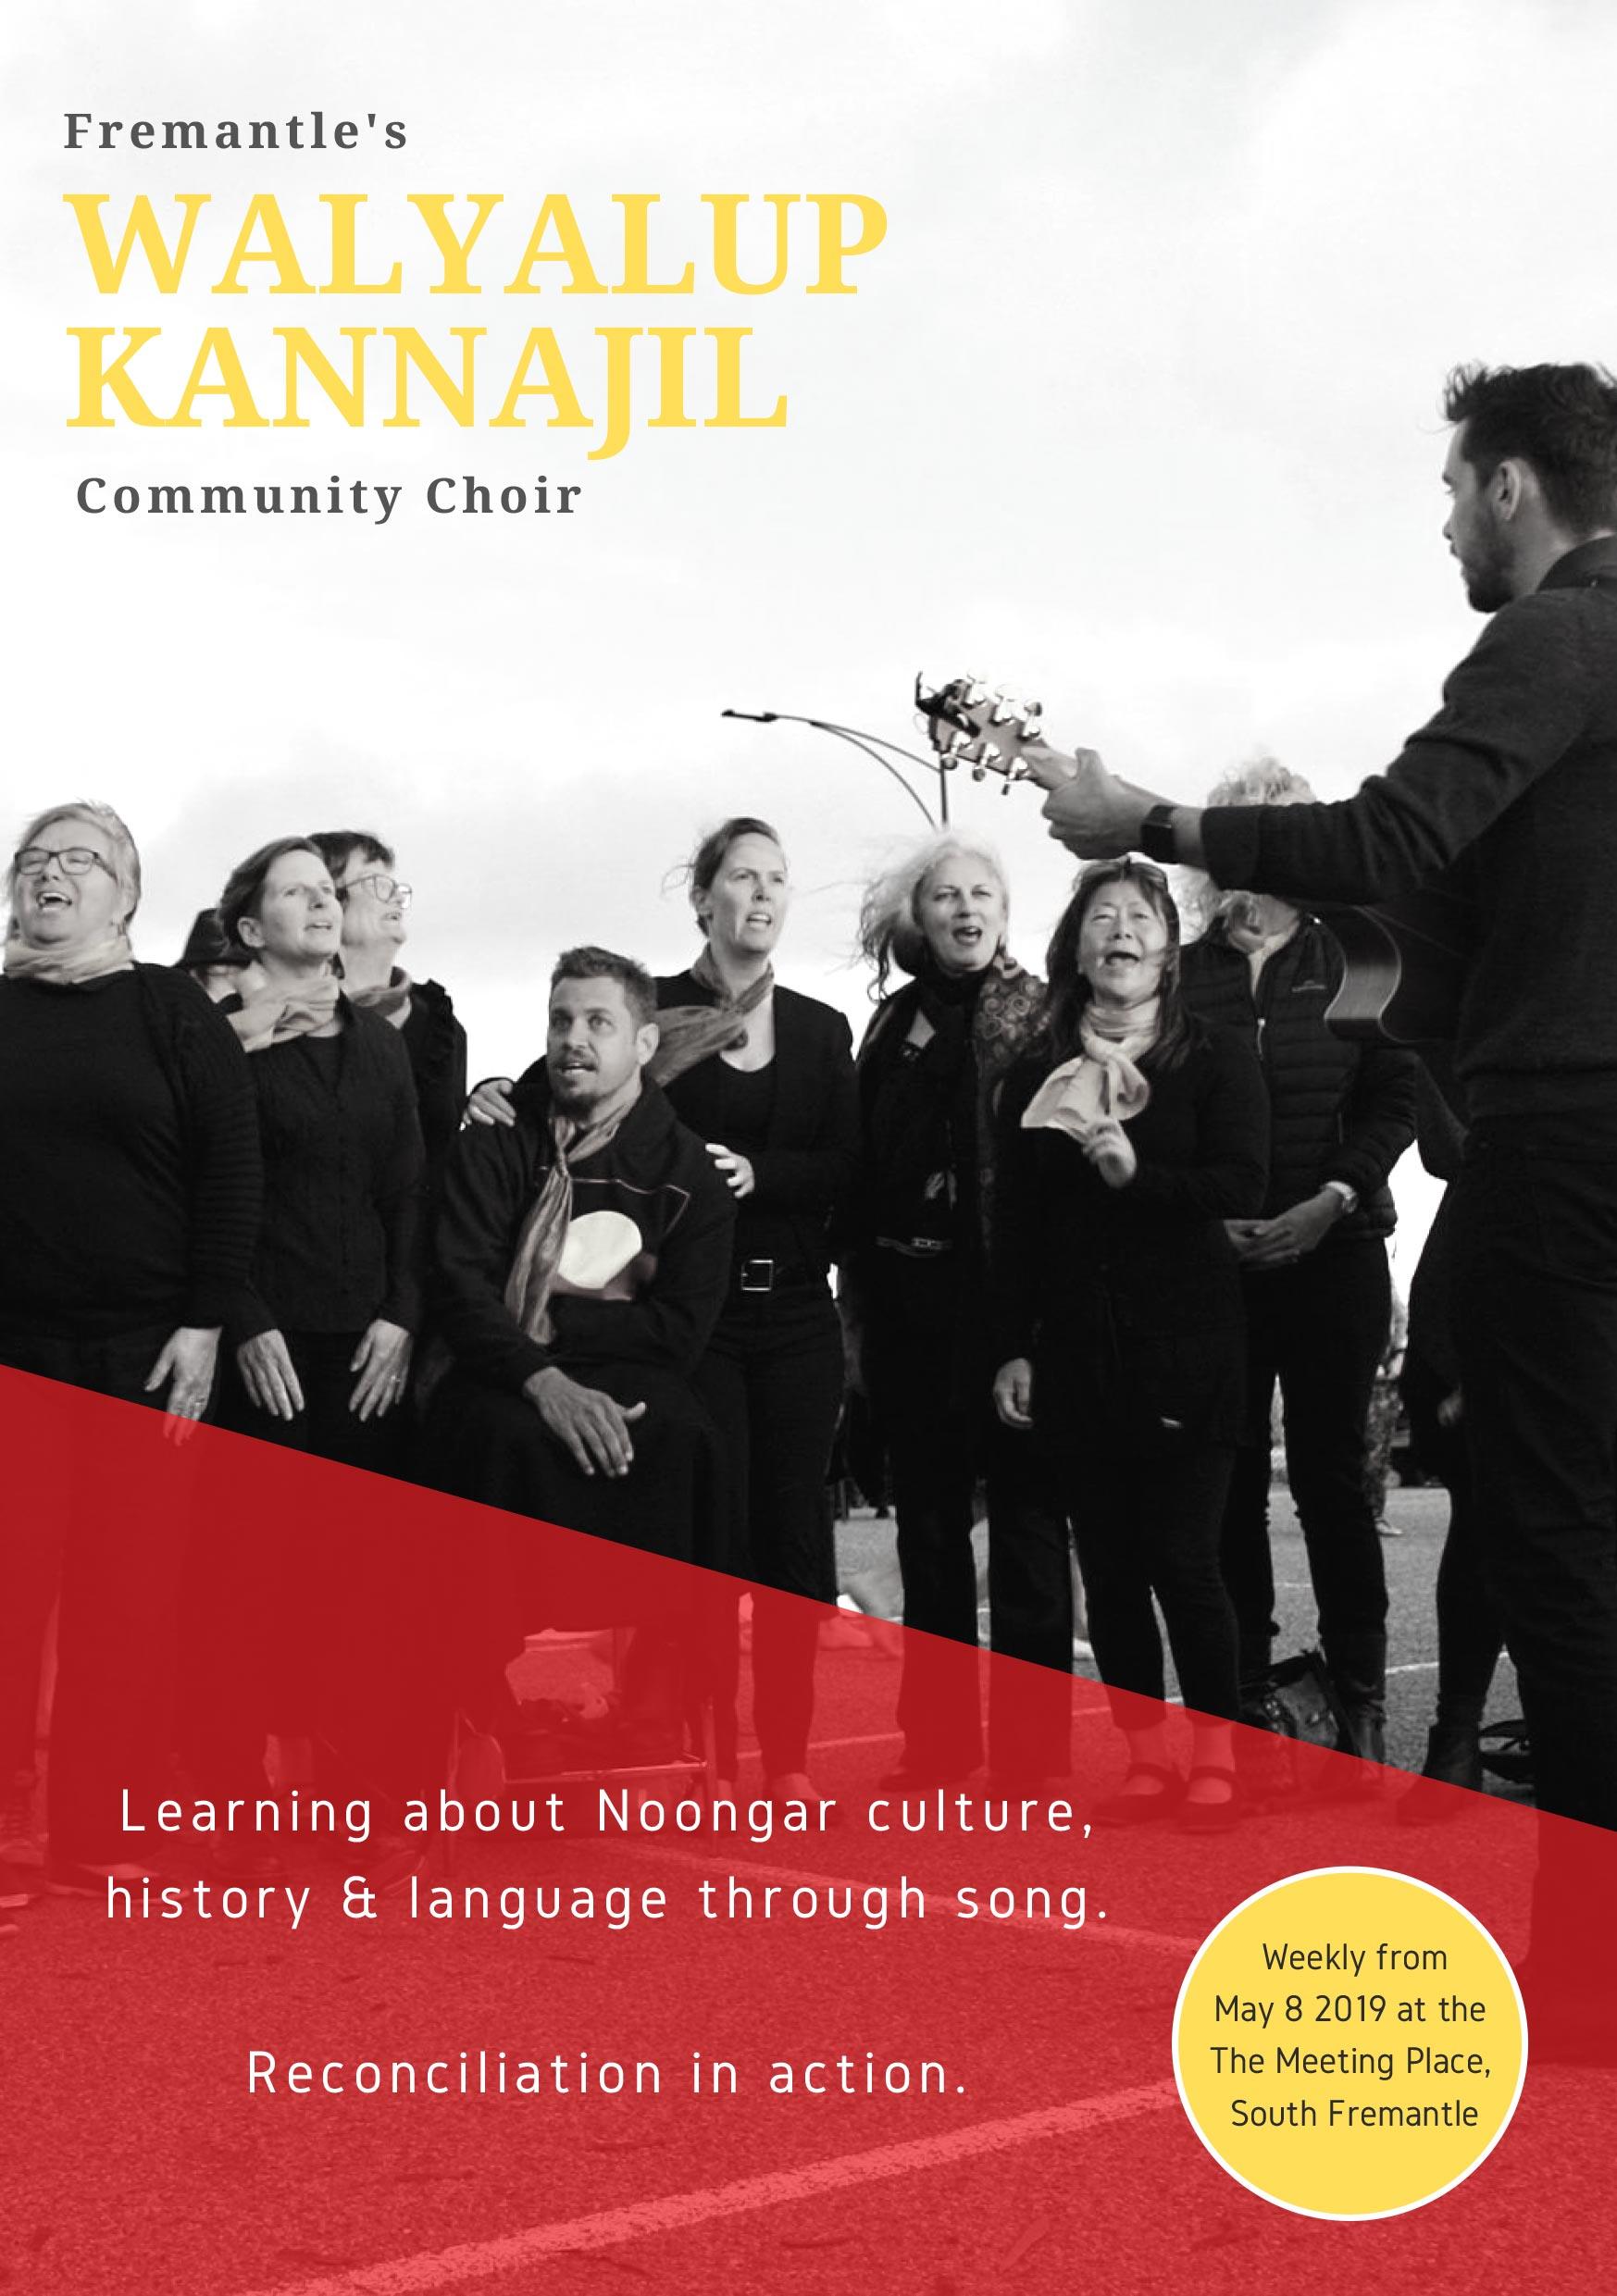 Walyalup-Kannajil-choir